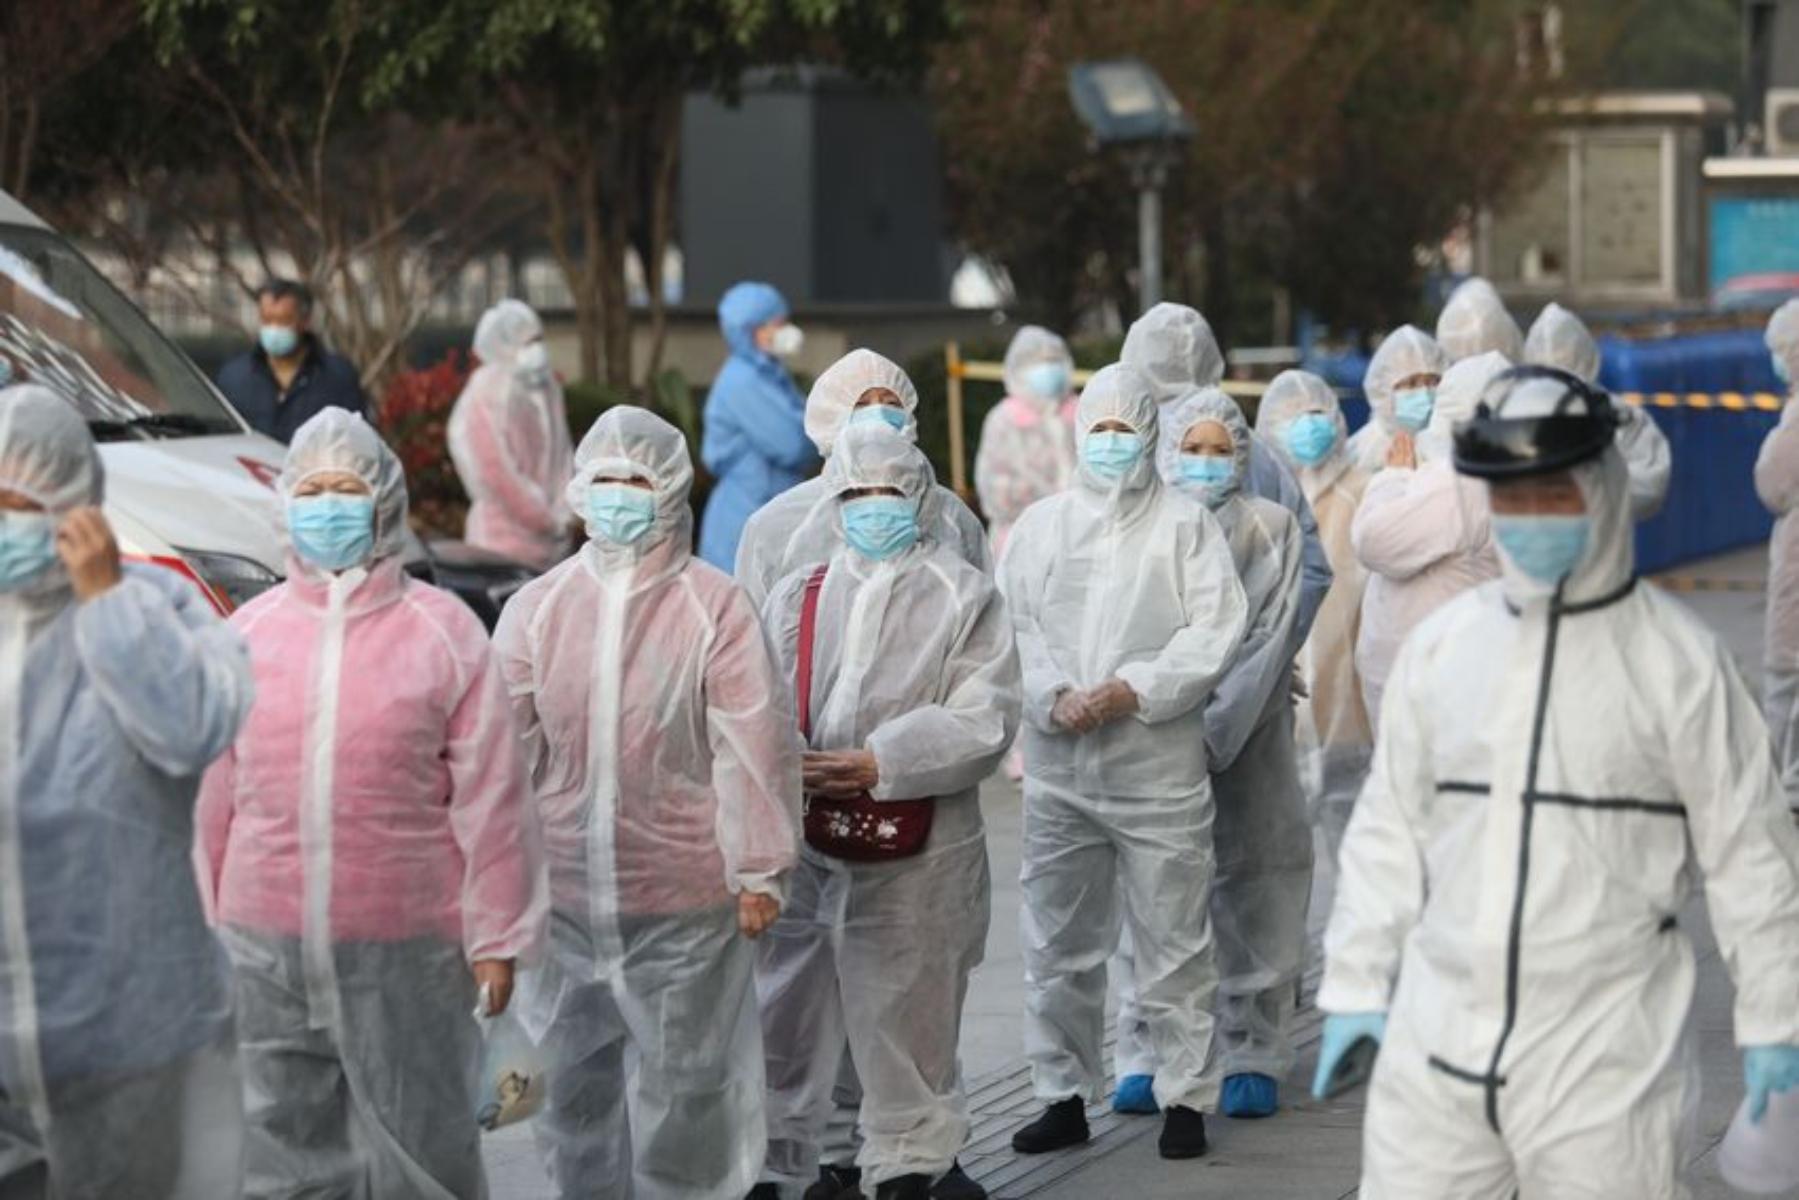 ΠΟΥ Κορωνοϊός: Μειώθηκαν κατά 17 % παγκοσμίως τα κρούσματα